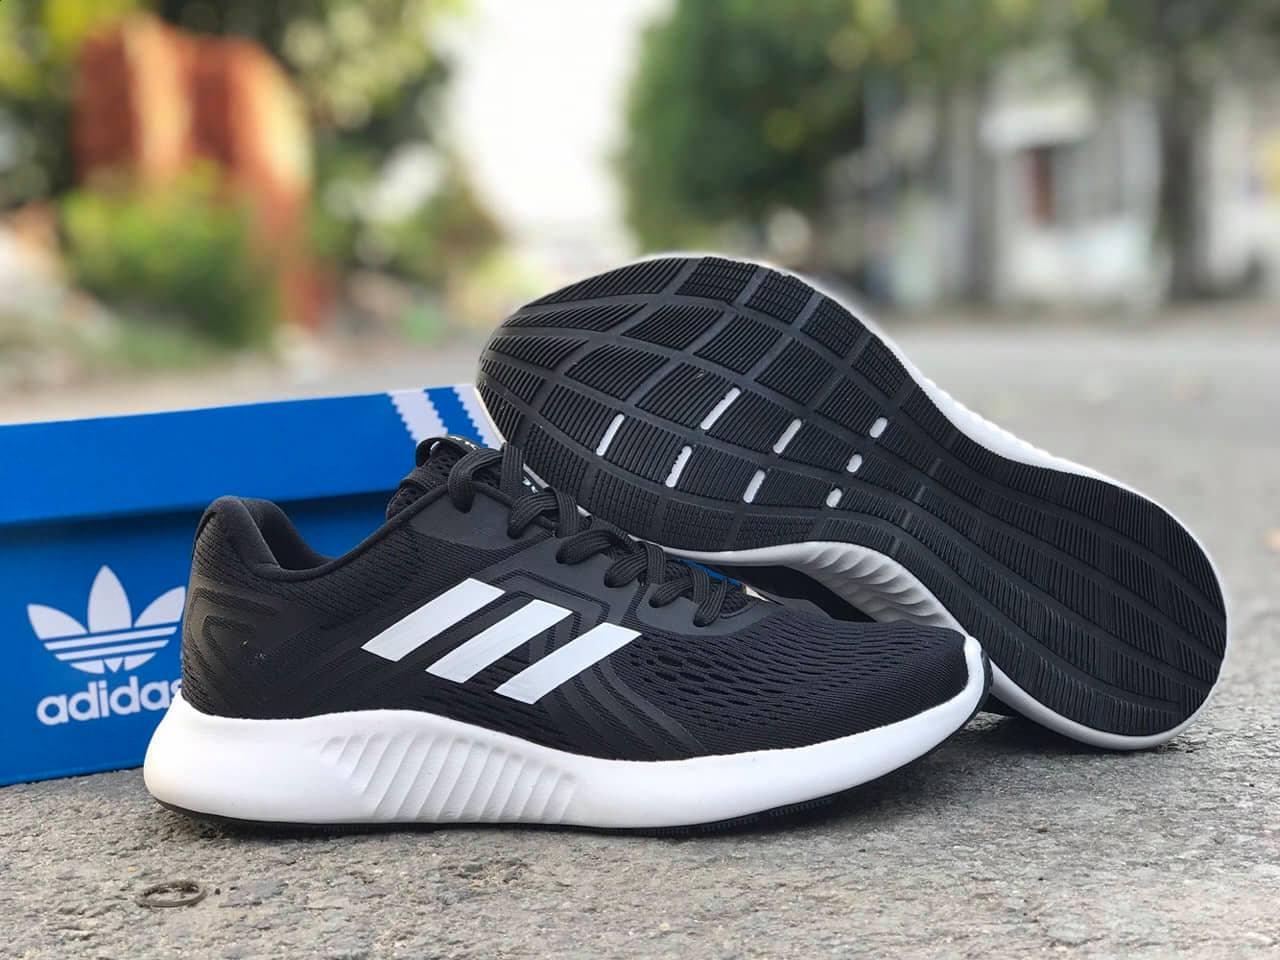 Adidas Aerobounce 3